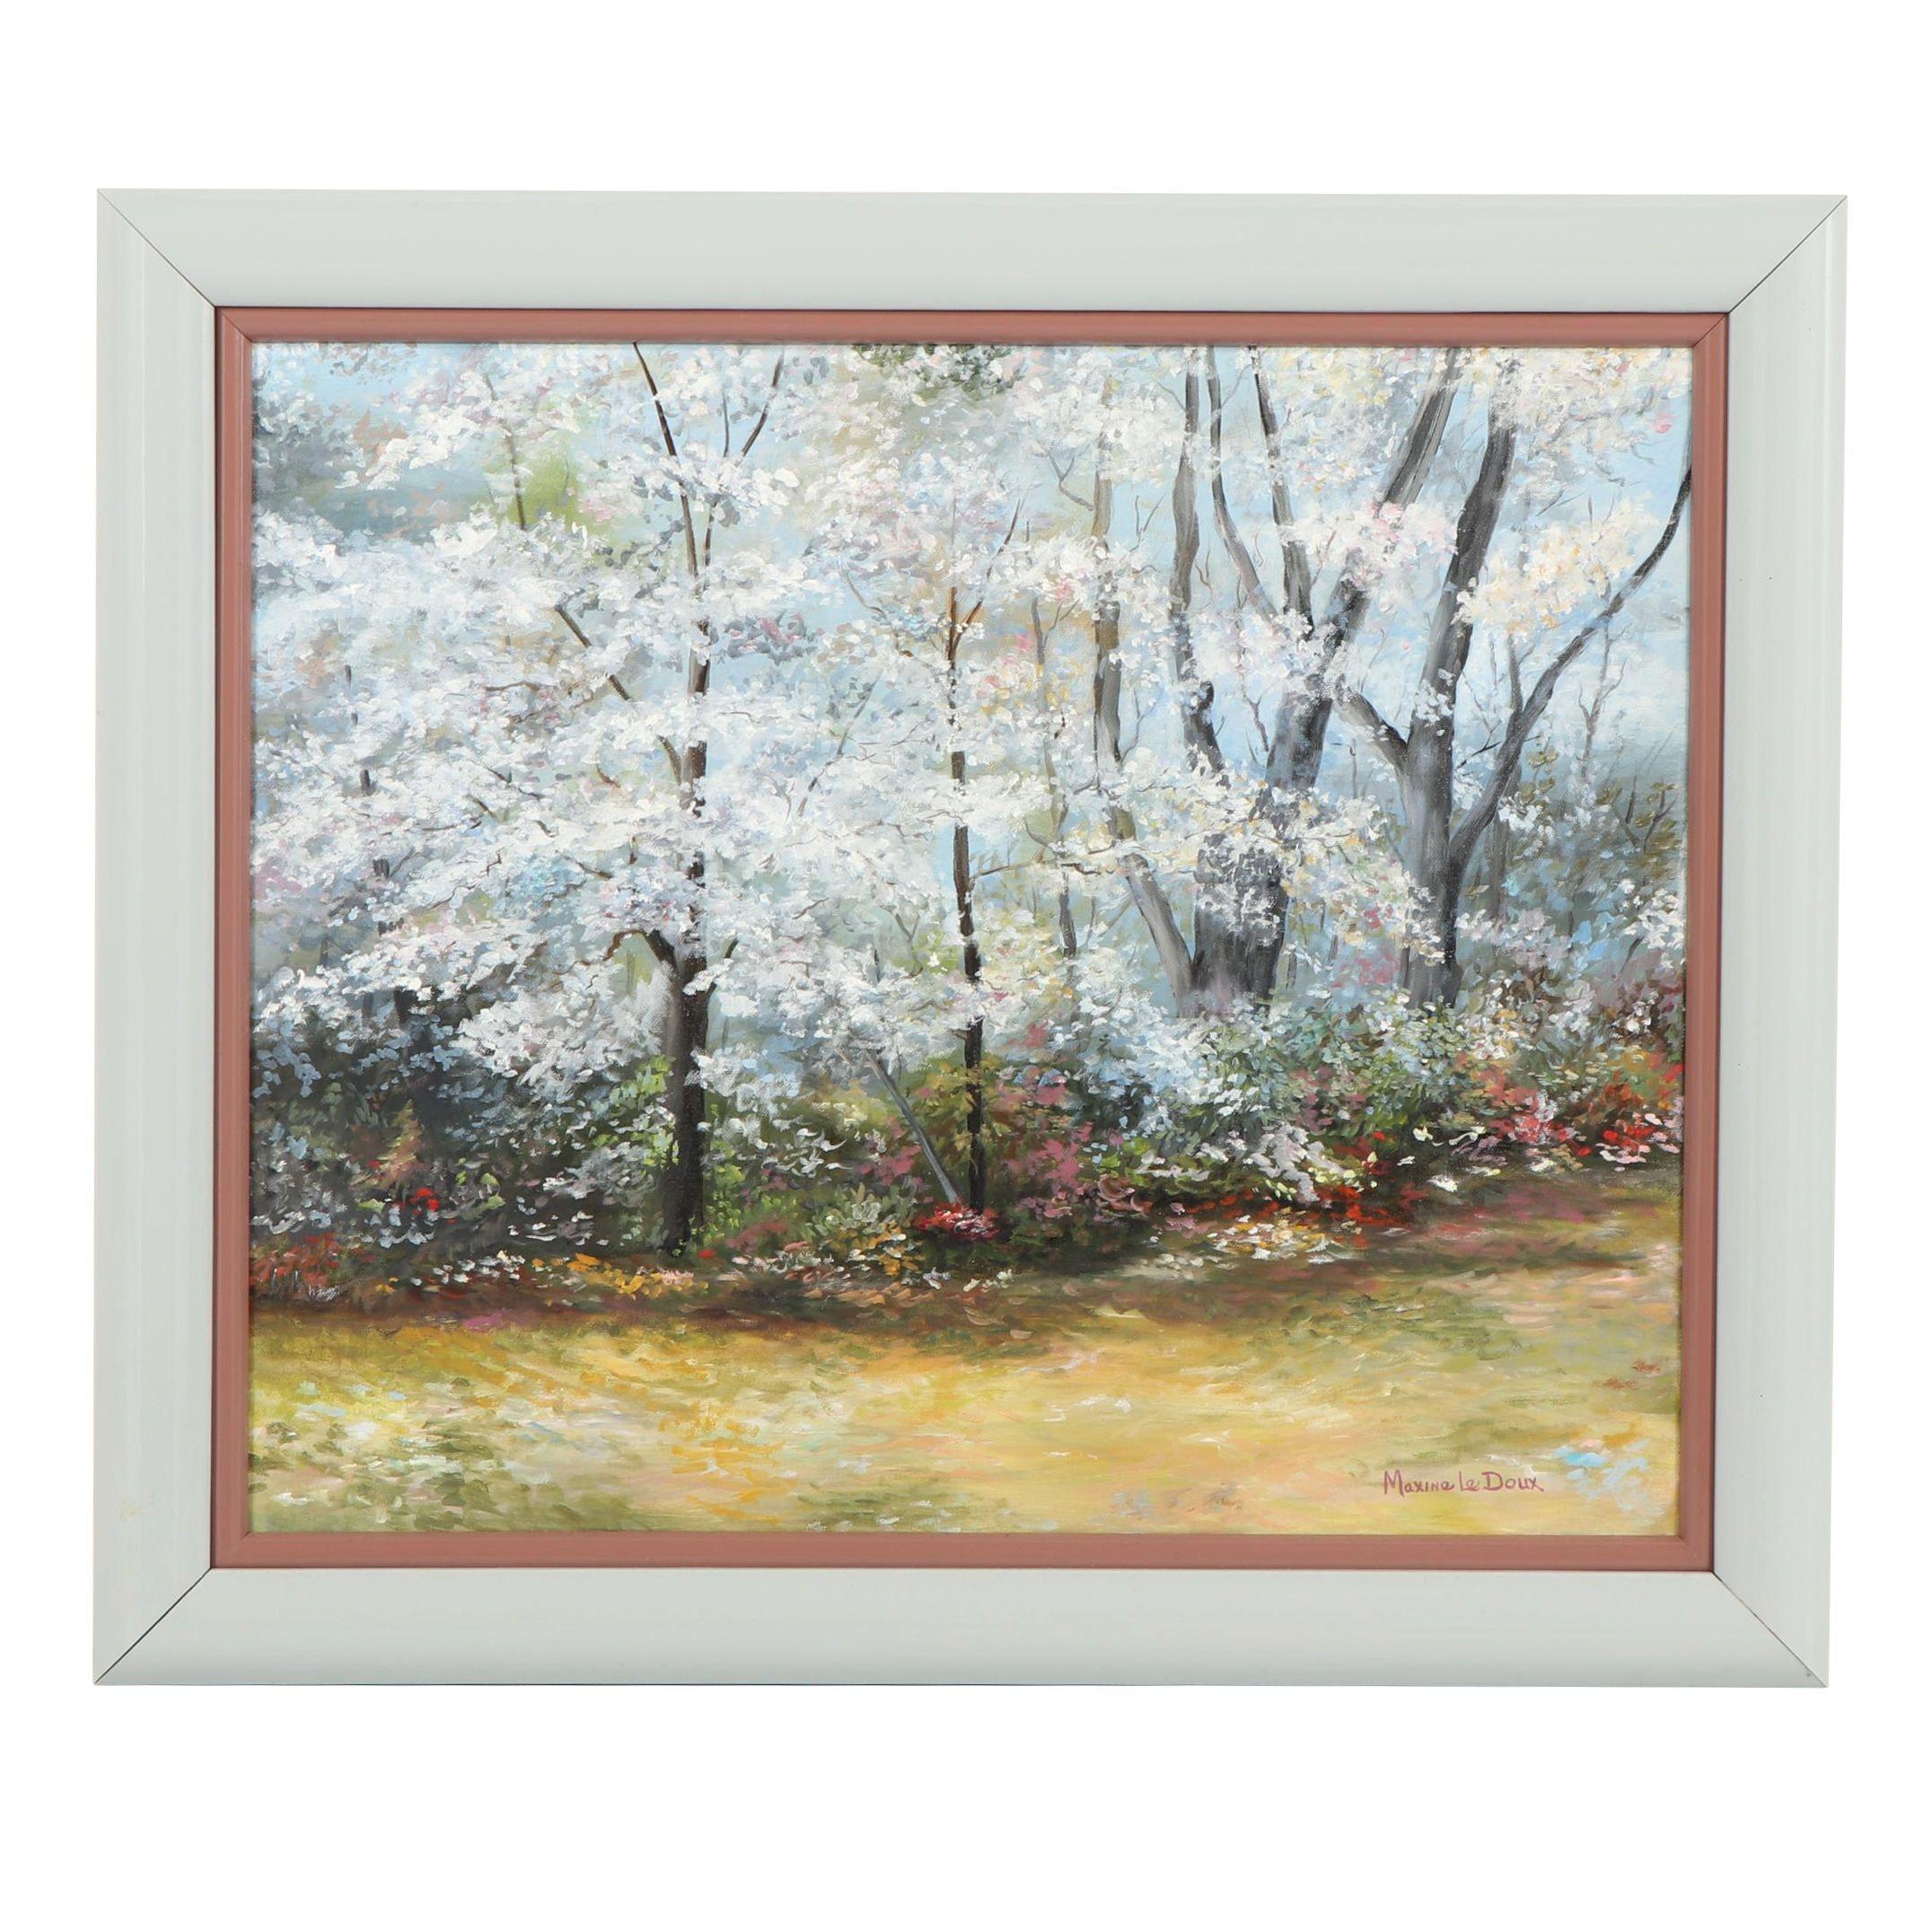 Maxine Le Doux Landscape Oil Painting